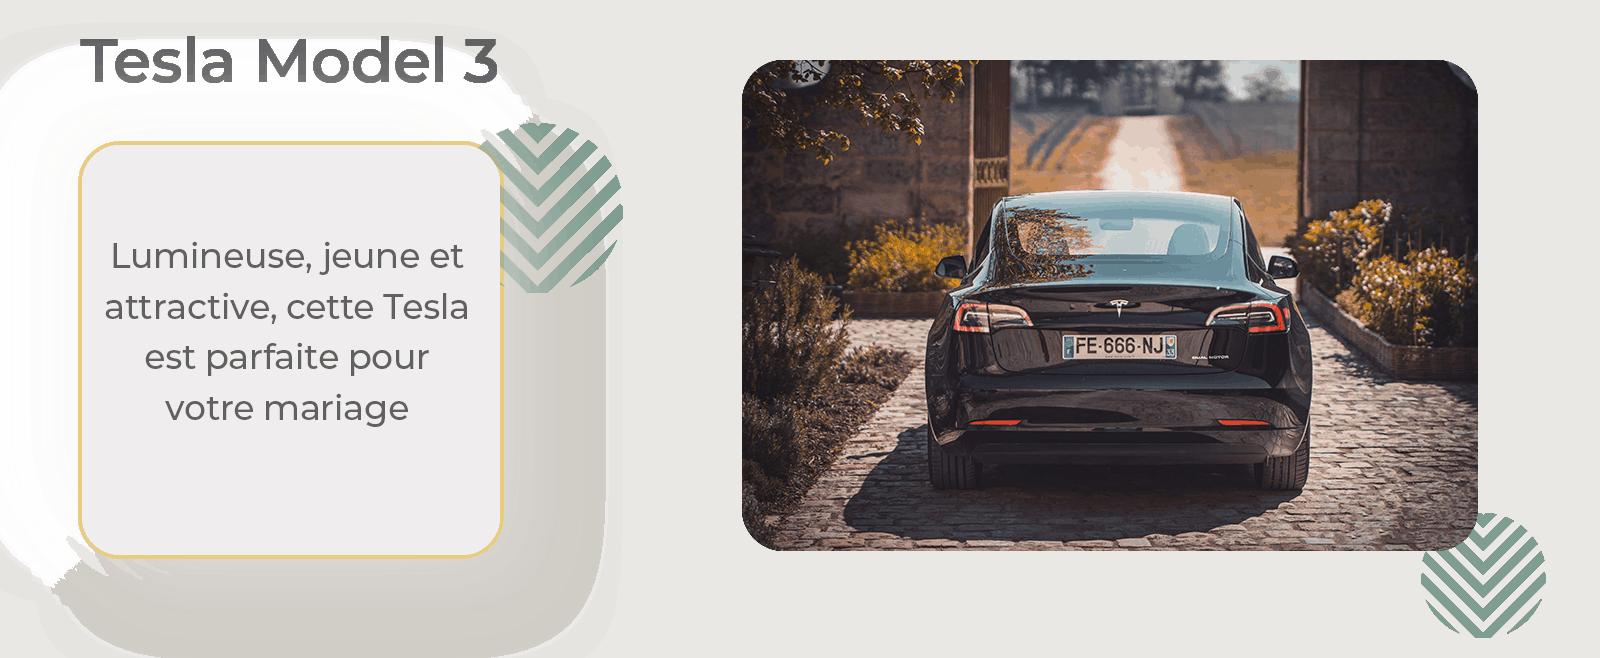 Louer une Tesla Model 3 pour un mariage, la voiture et berline des mariés. Voiture des mariés pas cher